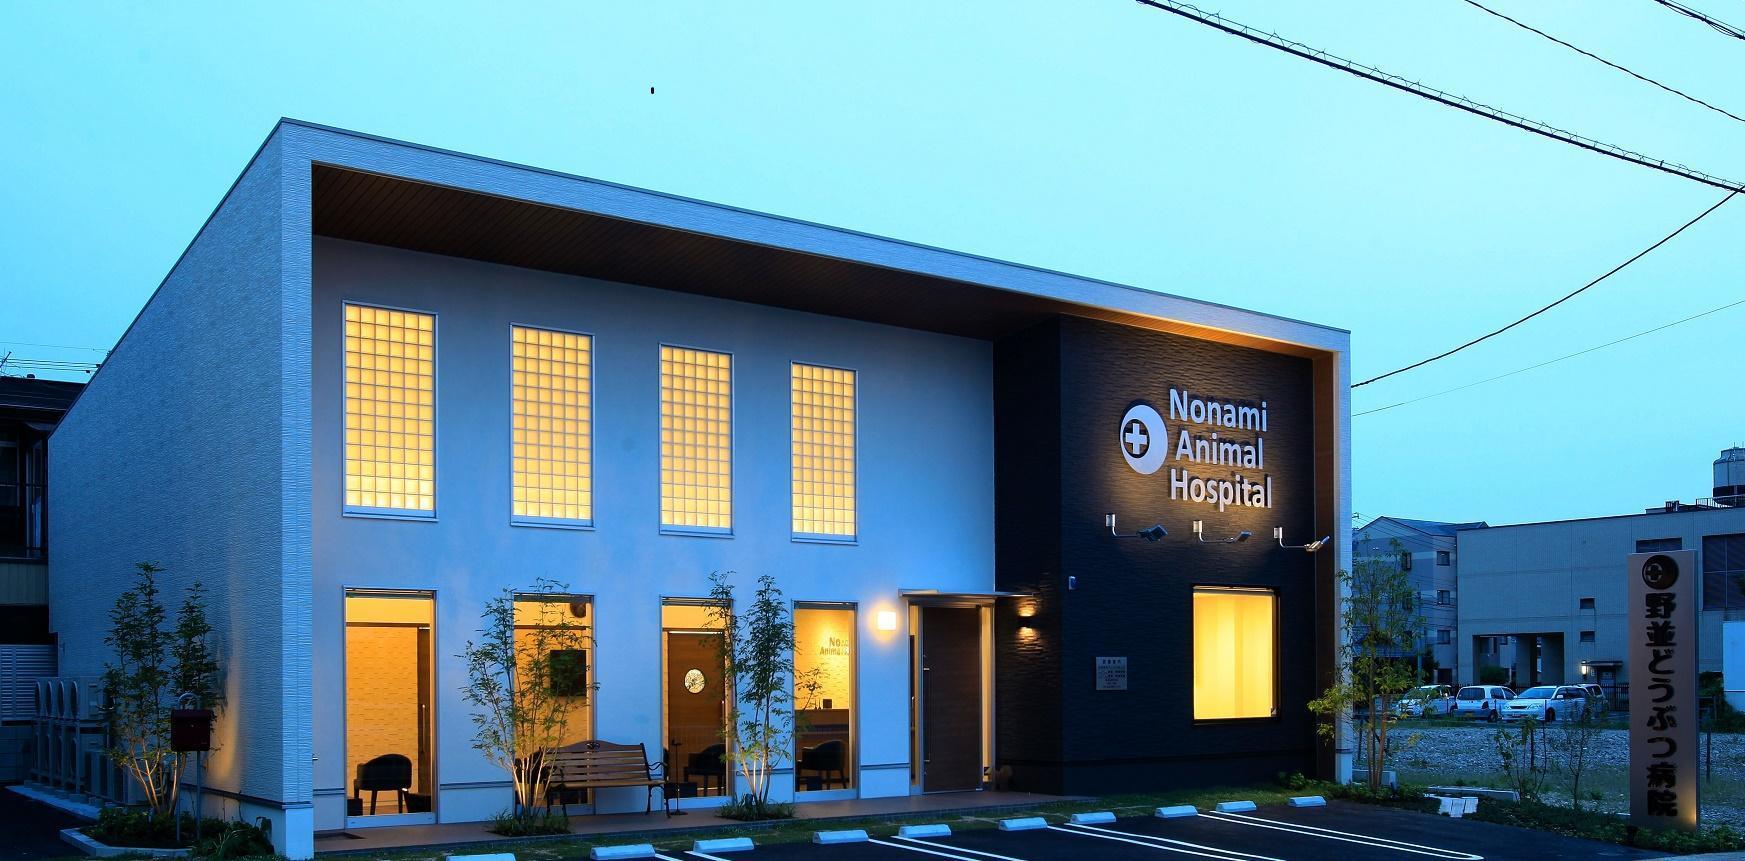 獣医師募集 経験者募集 名古屋市天白区 野並どうぶつ病院